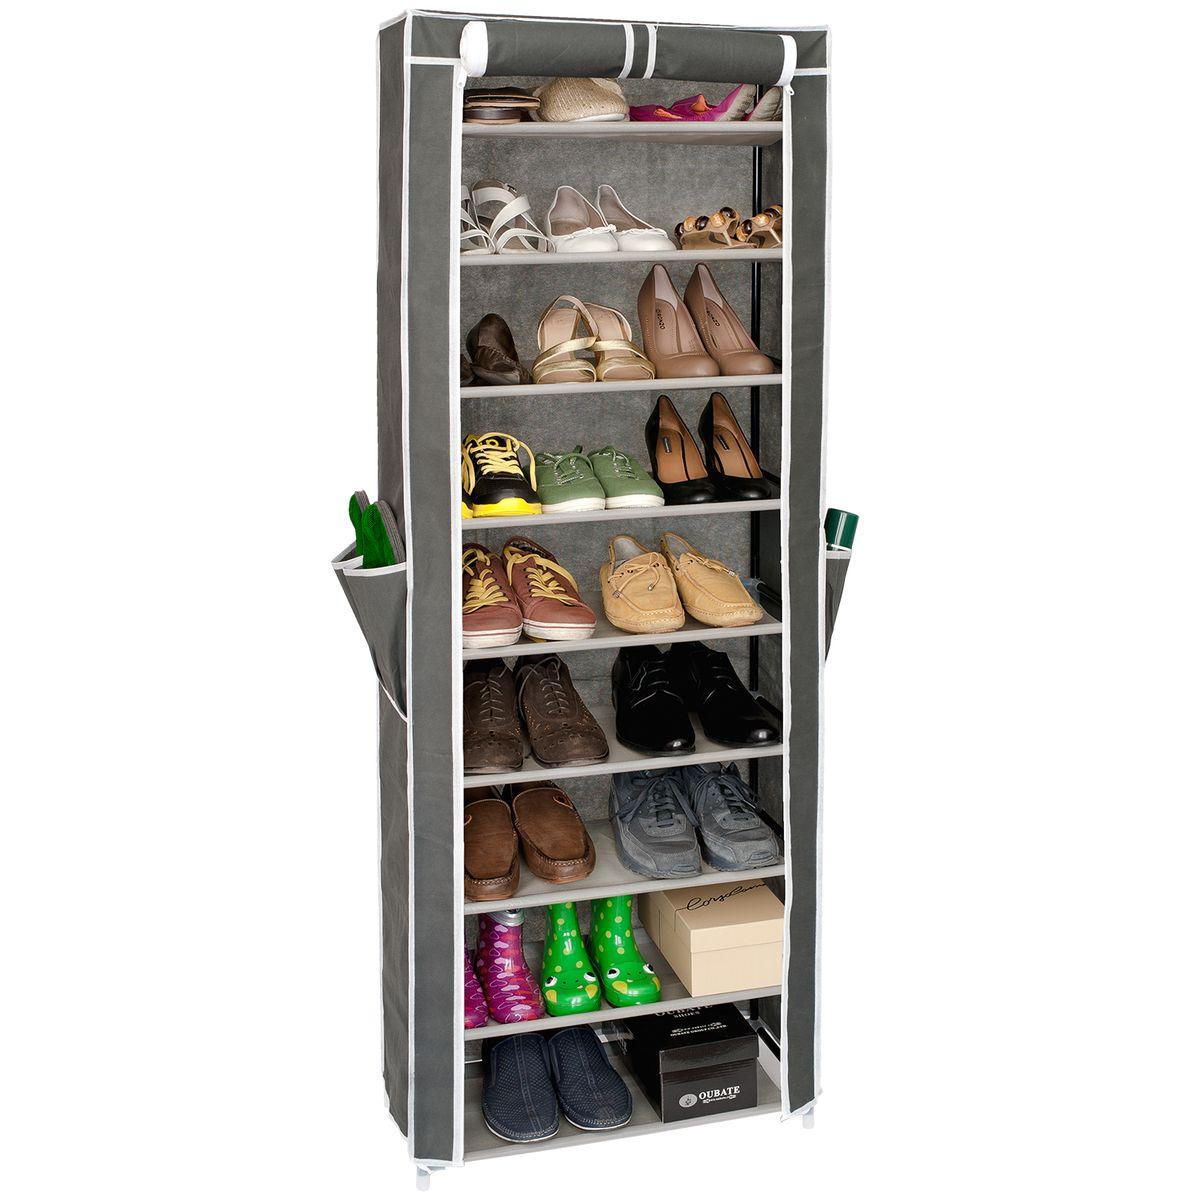 Этажерка для обуви Artmoon Carrie, с нетканым чехлом, 9 полок, цвет: серый531-301Этажерка Artmoon Carrie состоит из 9 полок, рассчитанных на 27 пар обуви. Полки съемные, регулируются под обувь любой высоты. Нетканый чехол защищает от пыли, две молний, фиксируется липучкой в открытом виде, полки с полипропиленовой пропиткой не боятся влаги для легкой уборки. На чехле расположены дополнительные 4 кармашка.Размер этажерки: 58 x 29 x 160 см.